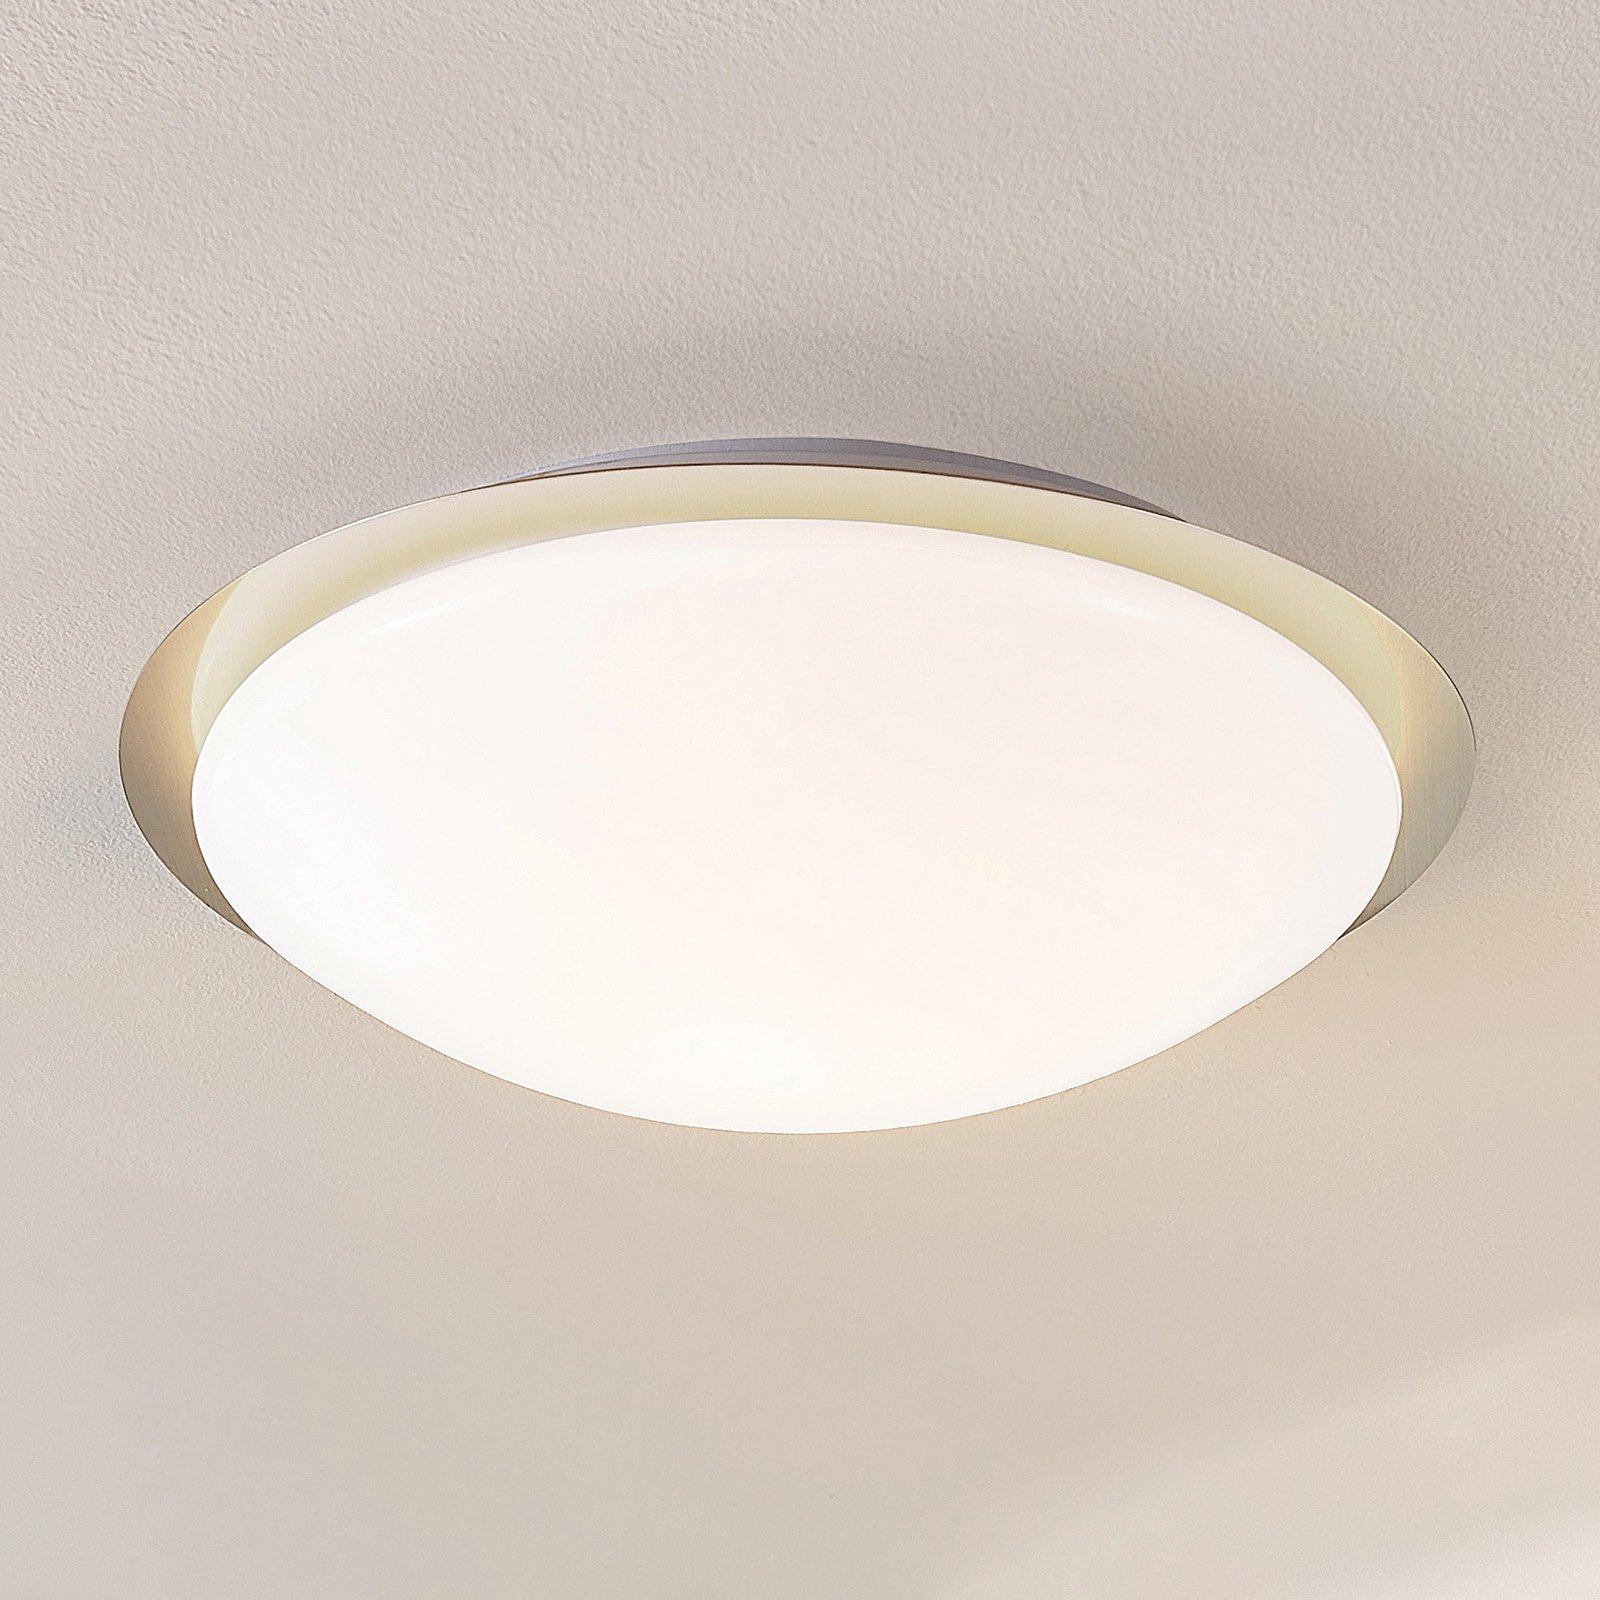 ELC Ocean LED-taklampe, dimbar 3 000 K